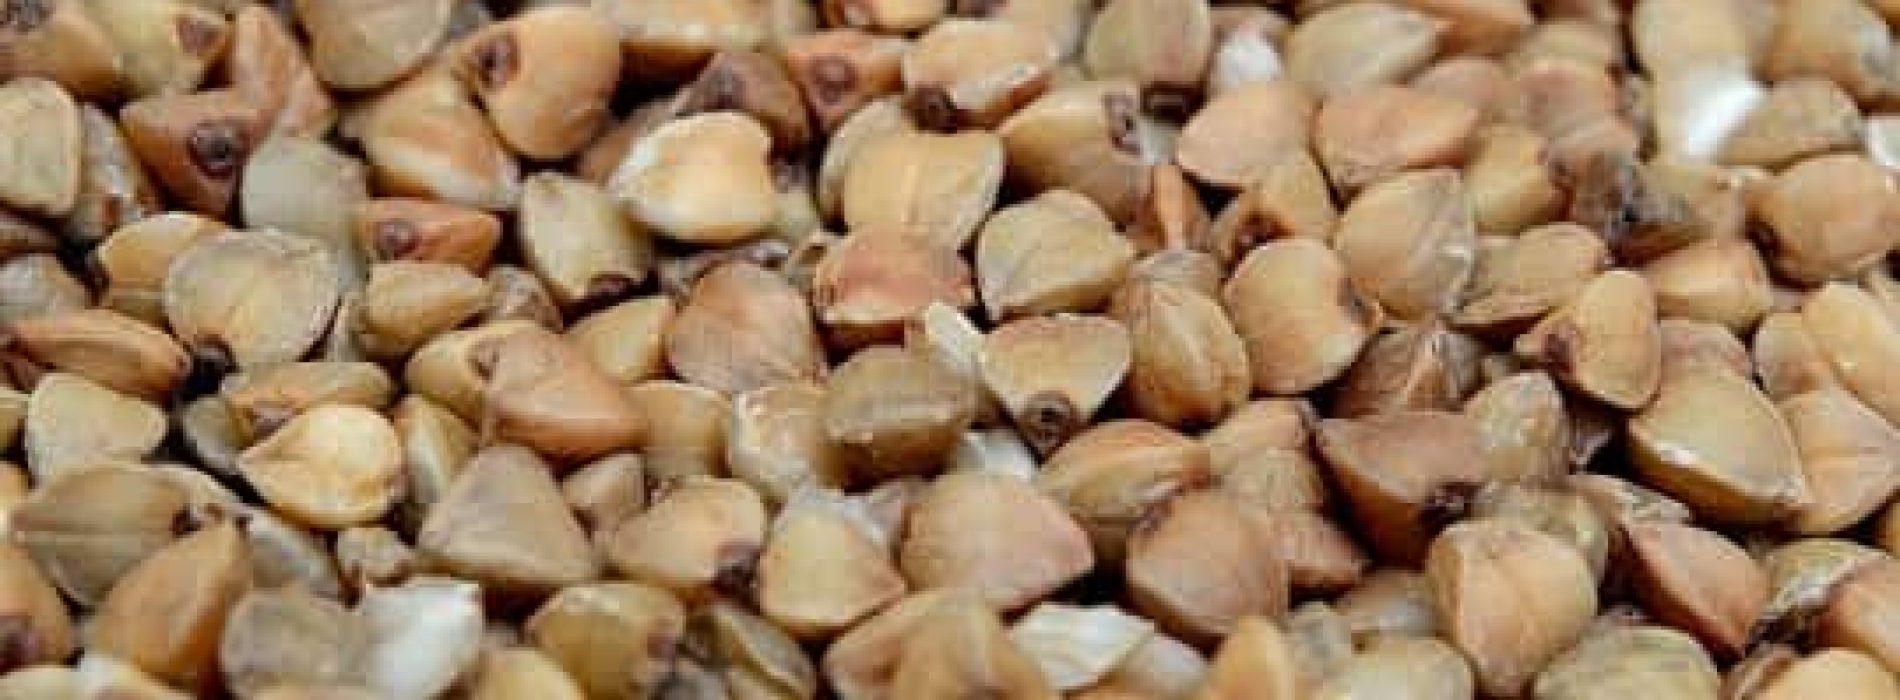 Bokhvete – Hvorfor spise og hvordan anvende?